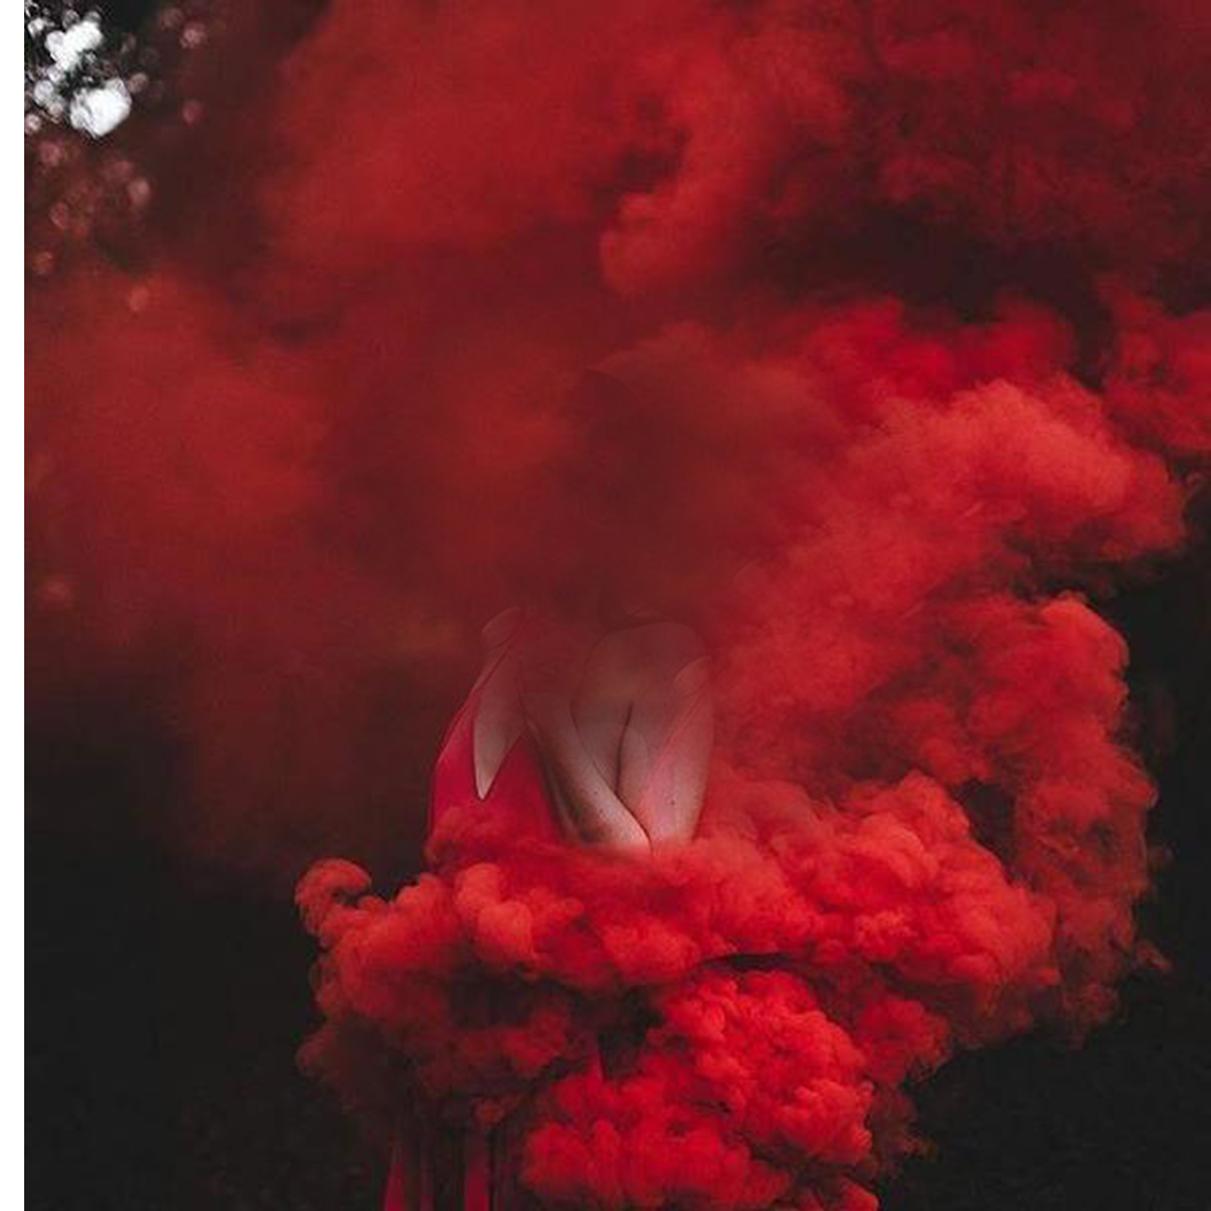 Holi Color Splash Png Images Download Free Download 2019 Holi Colors Color Splash Photoshop Backgrounds Free